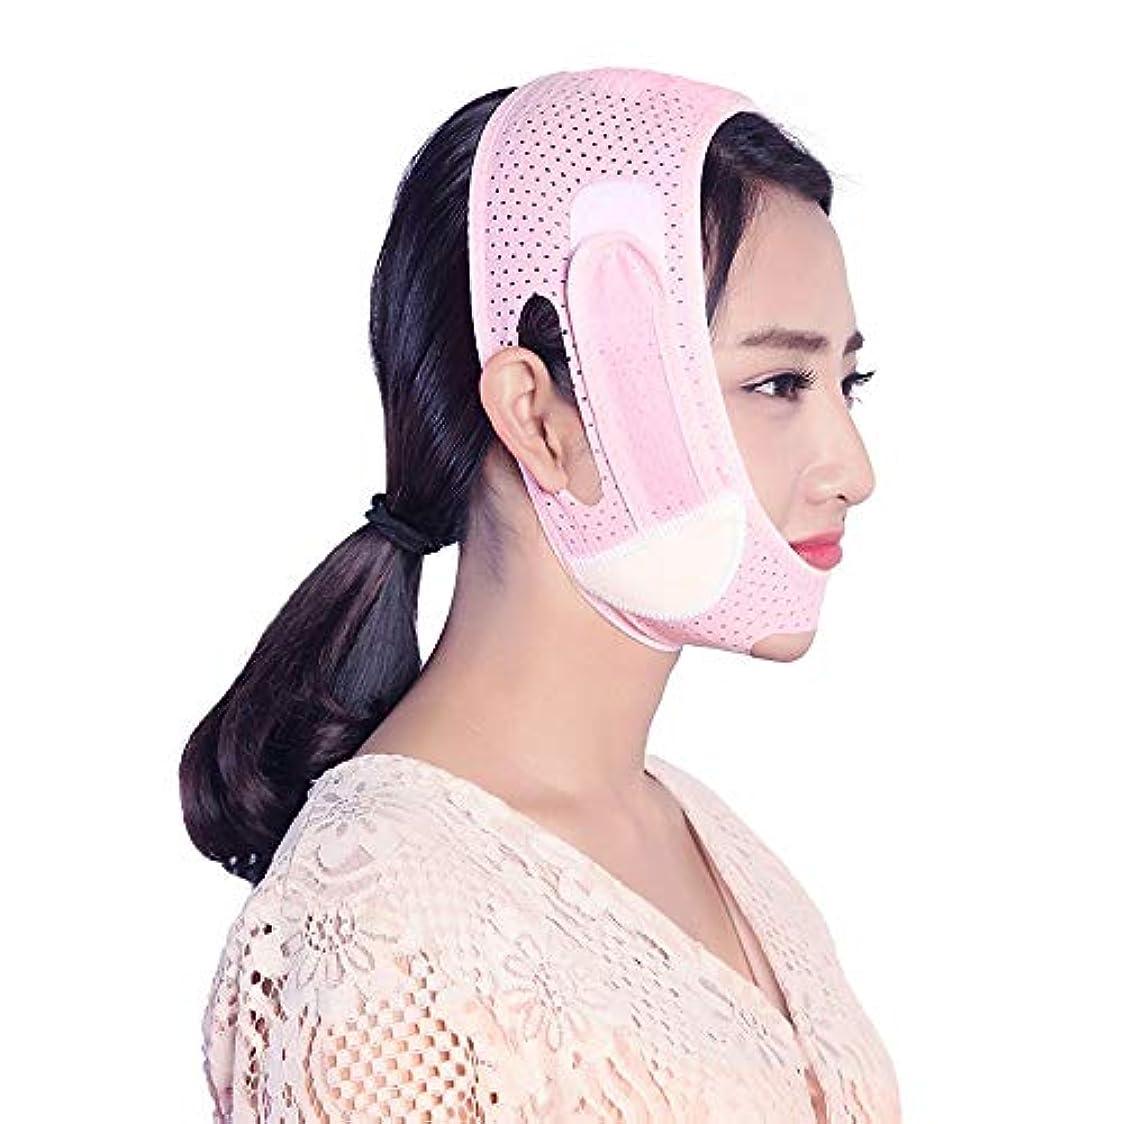 咳人質習慣Minmin 睡眠薄い顔パッチ包帯吊り上げプルv顔引き締めどころアーティファクト判決パターン二重あご薄いマッセルマスク - ピンク みんみんVラインフェイスマスク